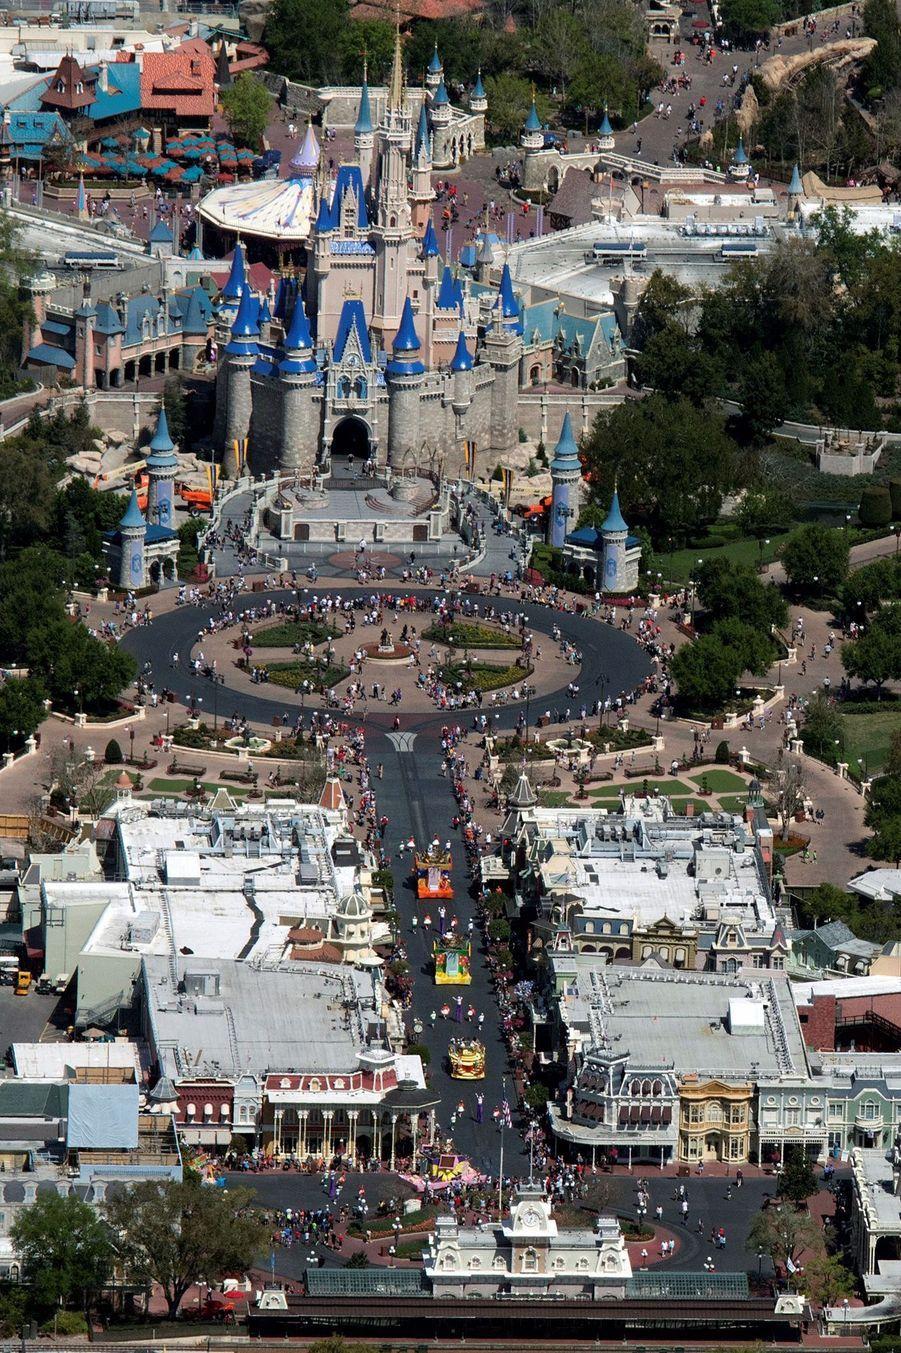 Le parc de Disney Orlando avant l'épidémie de coronavirus.